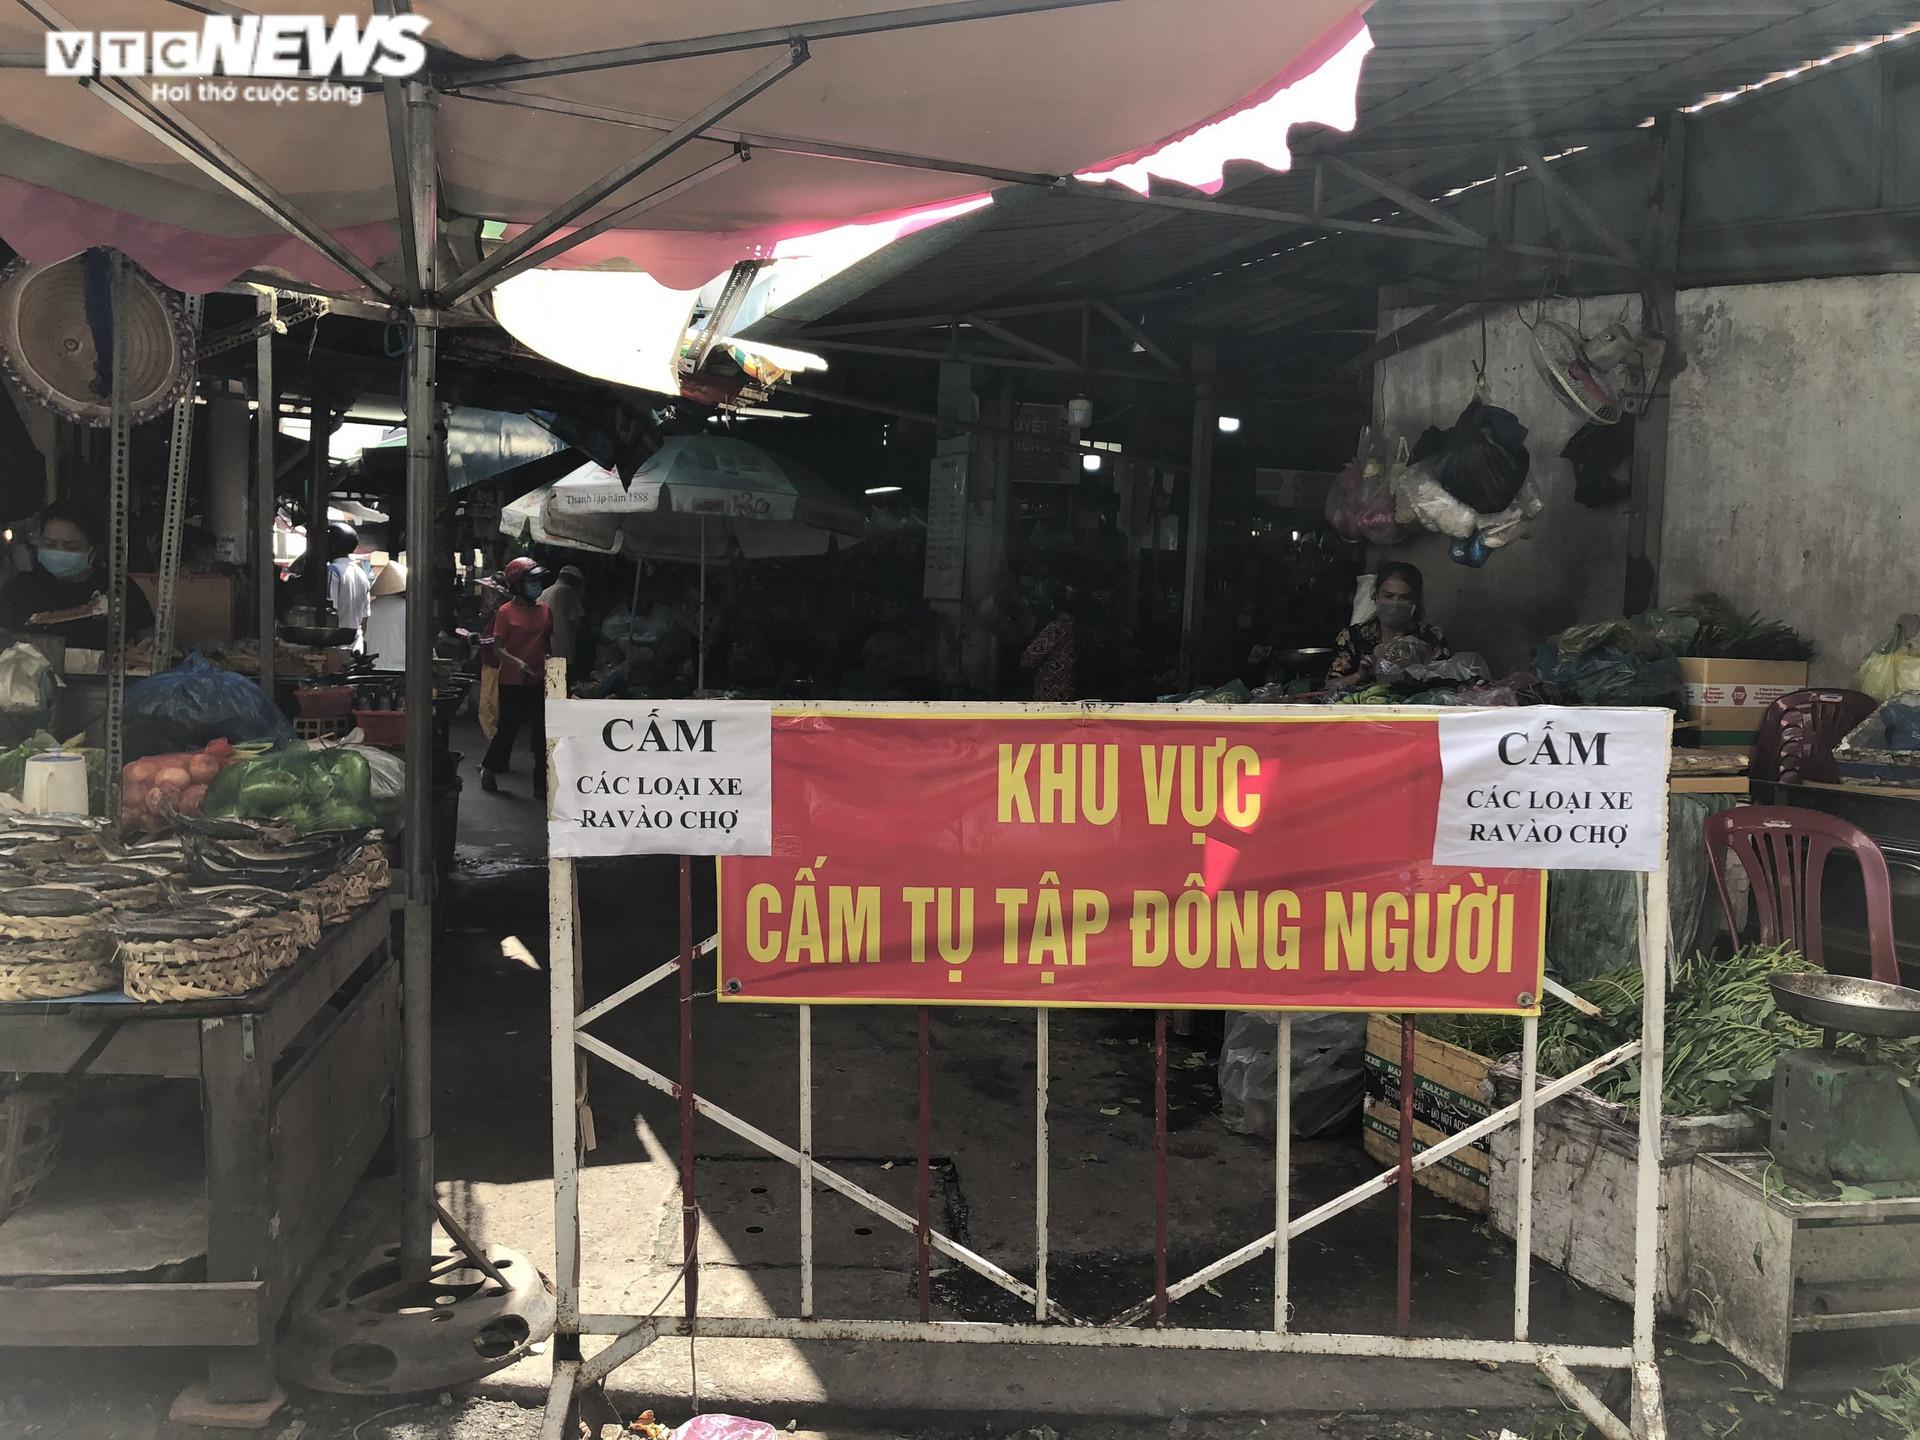 Ảnh: Hàng hóa chất đầy kệ, người Sài Gòn không cần lo thiếu thực phẩm - 1